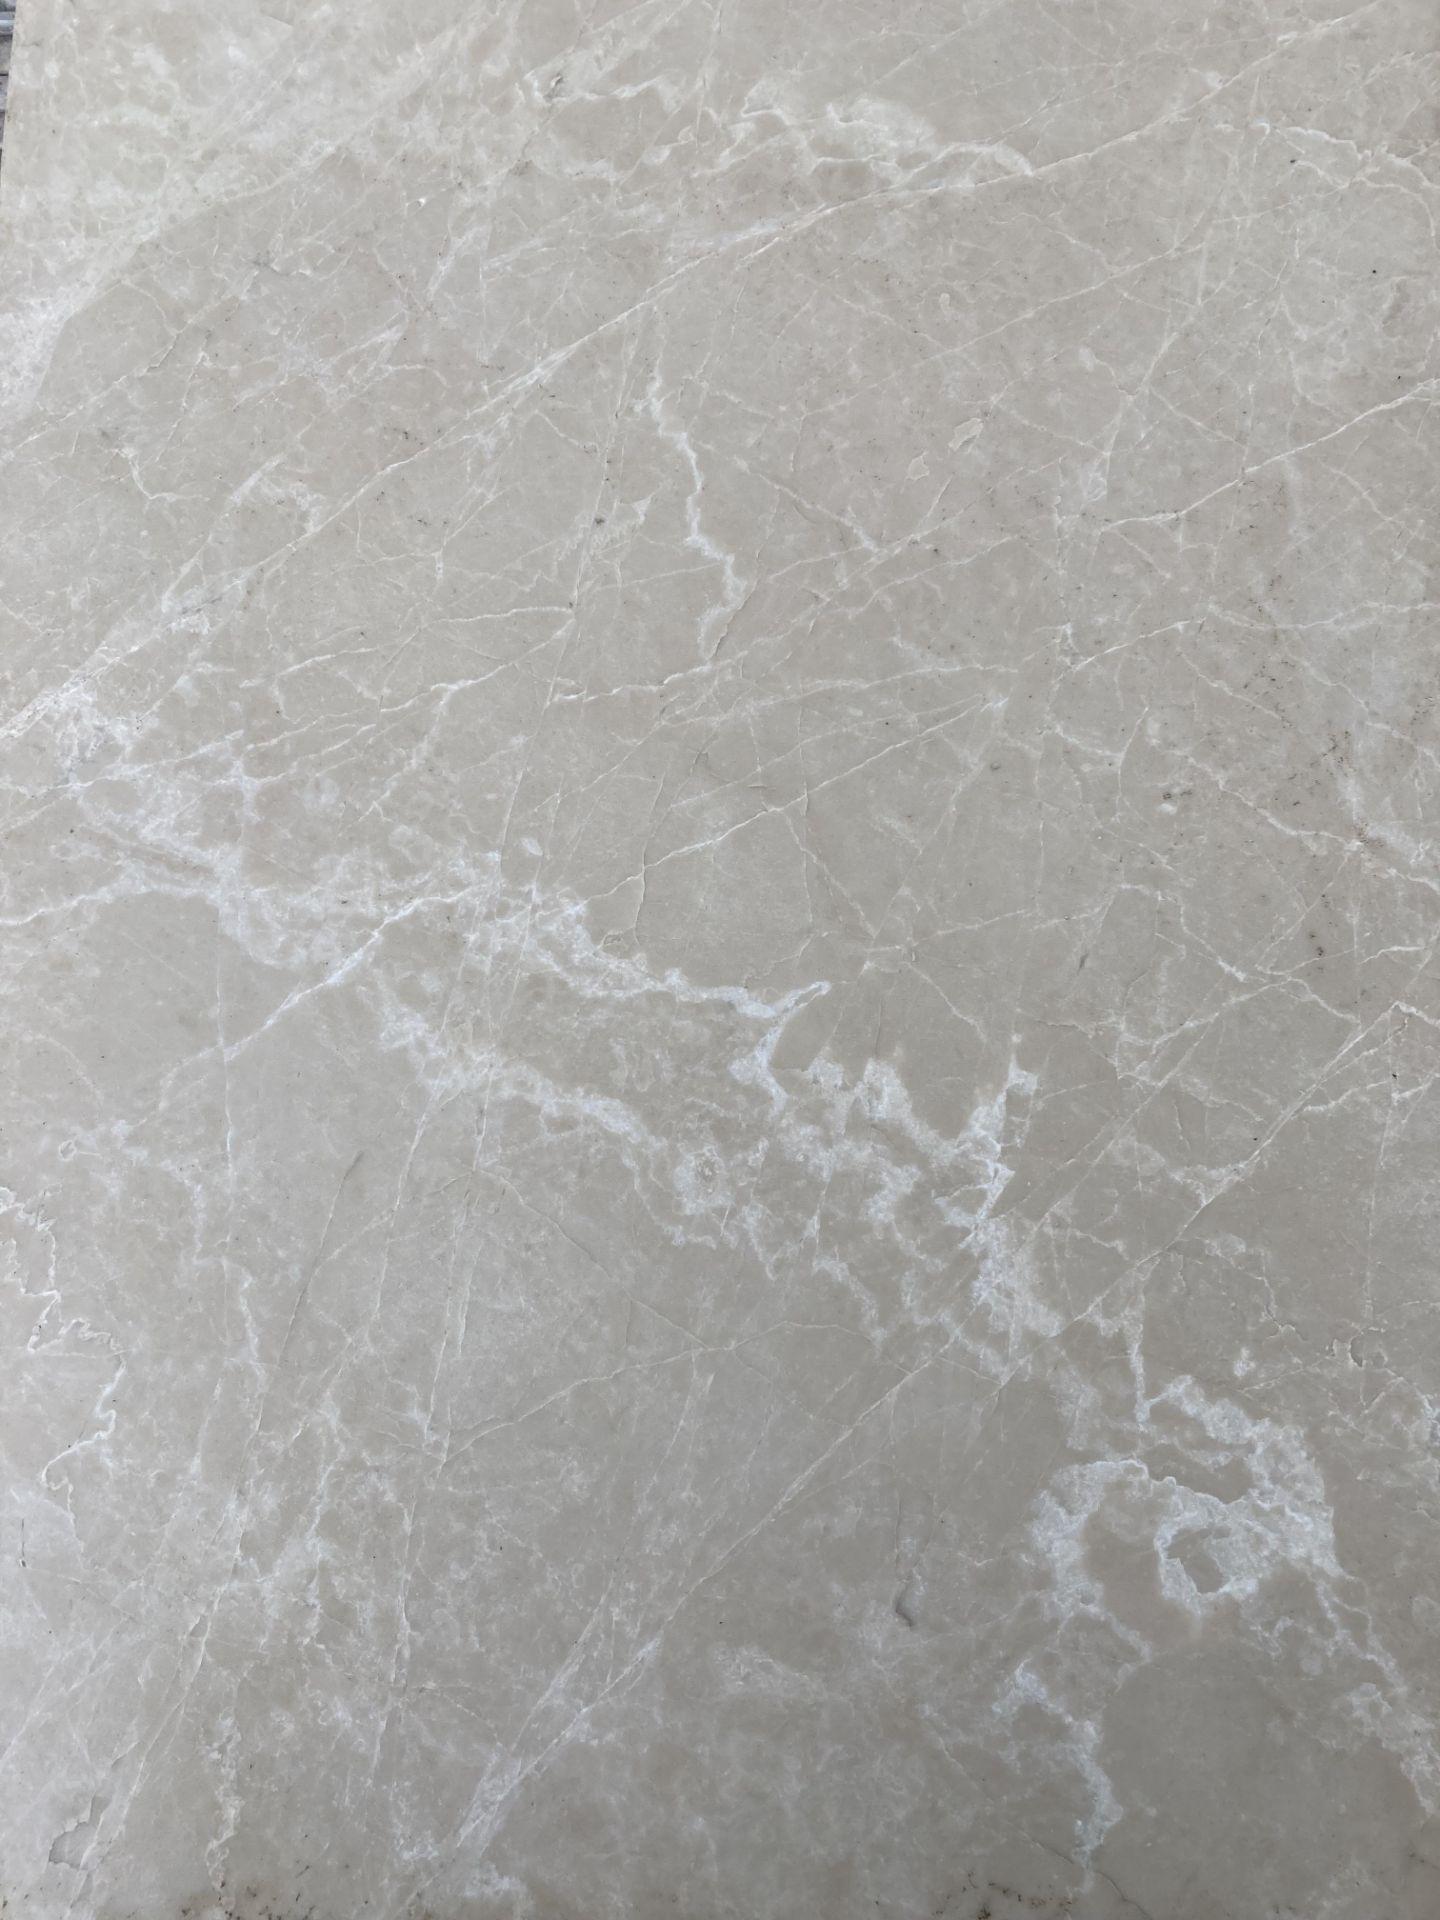 30 x packs of 4 marble tiles in Rosoni beige - 600 x 400 x 1.